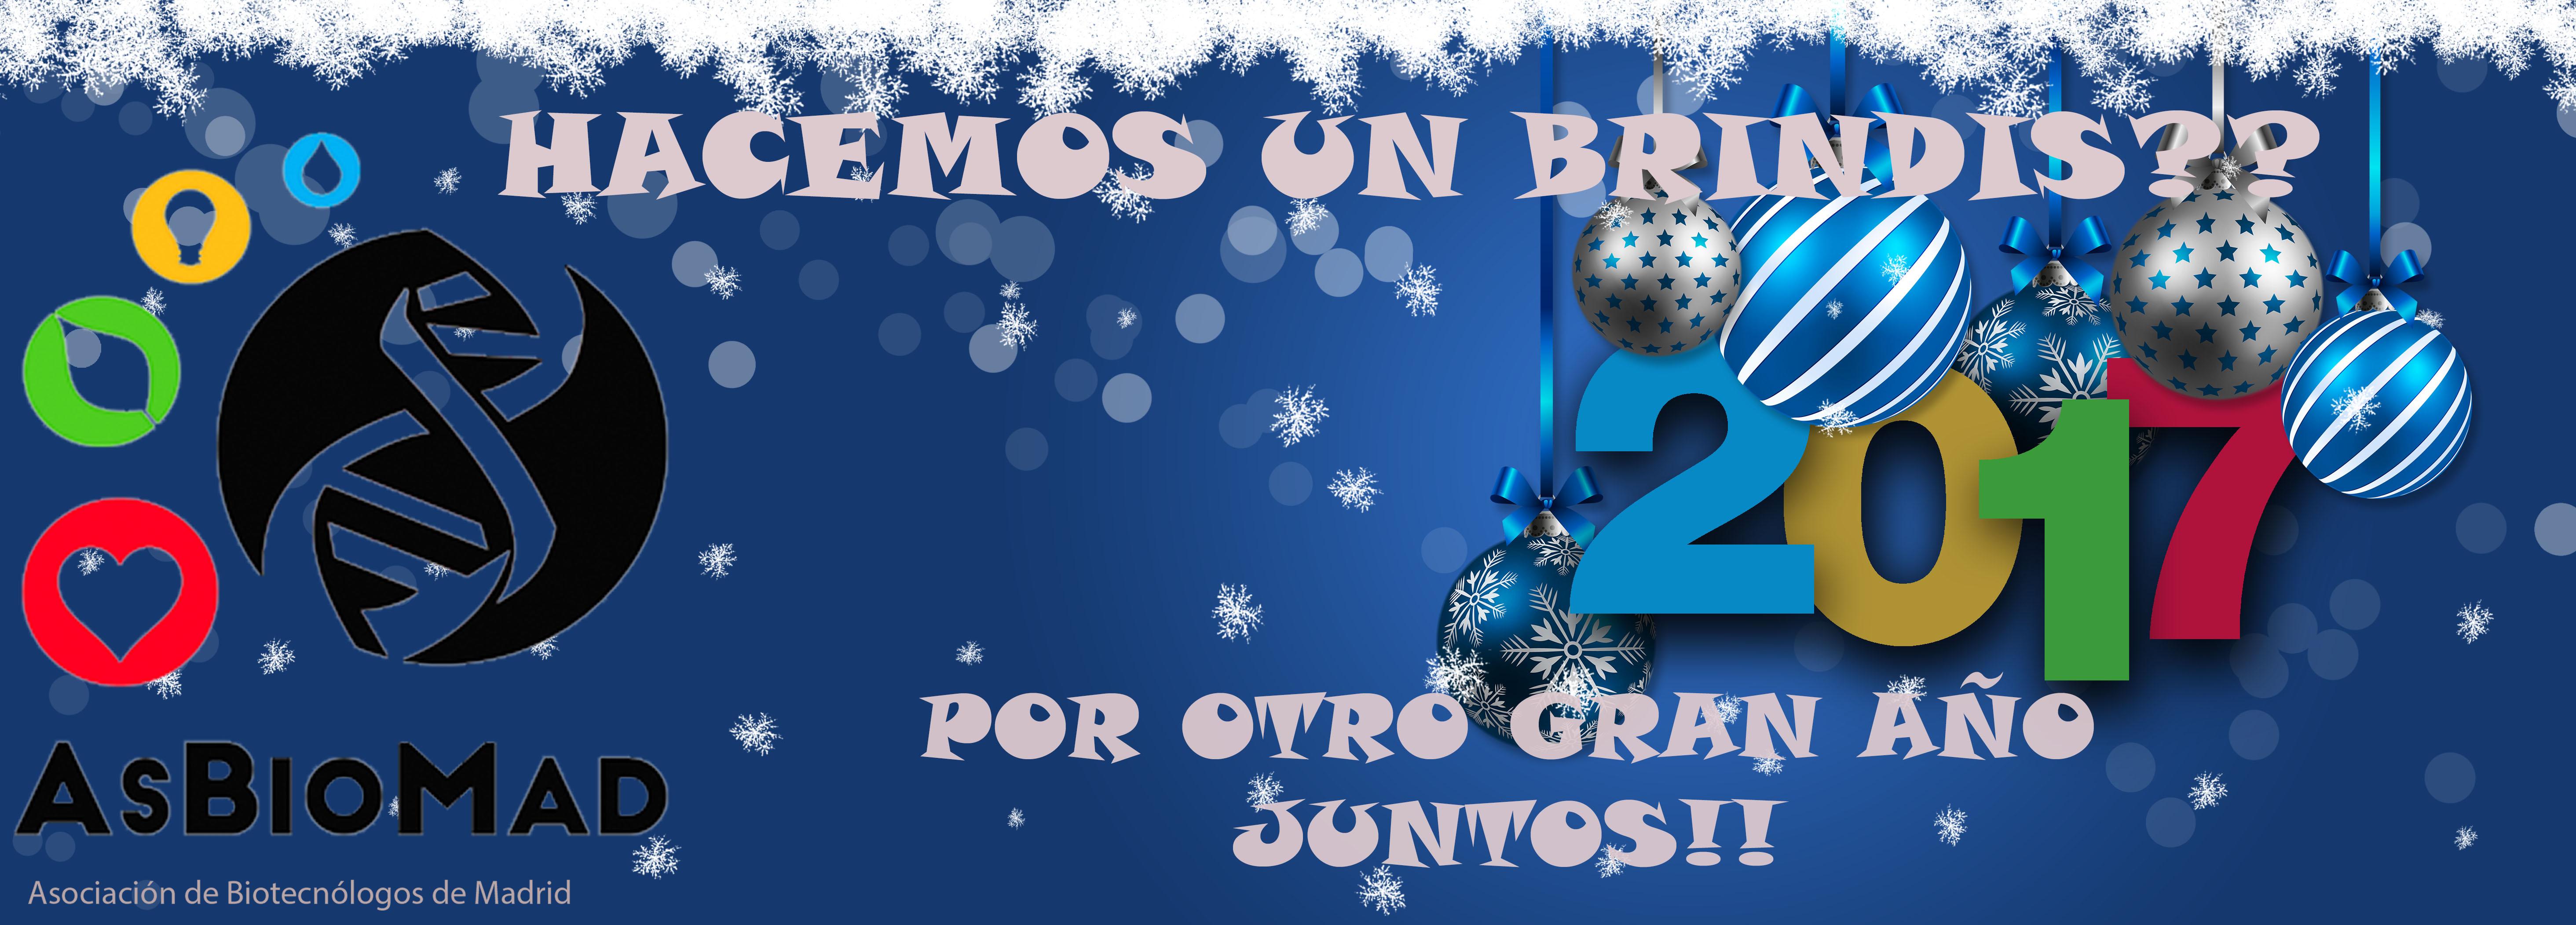 new-year-asbiomad-felicitacion-navidad